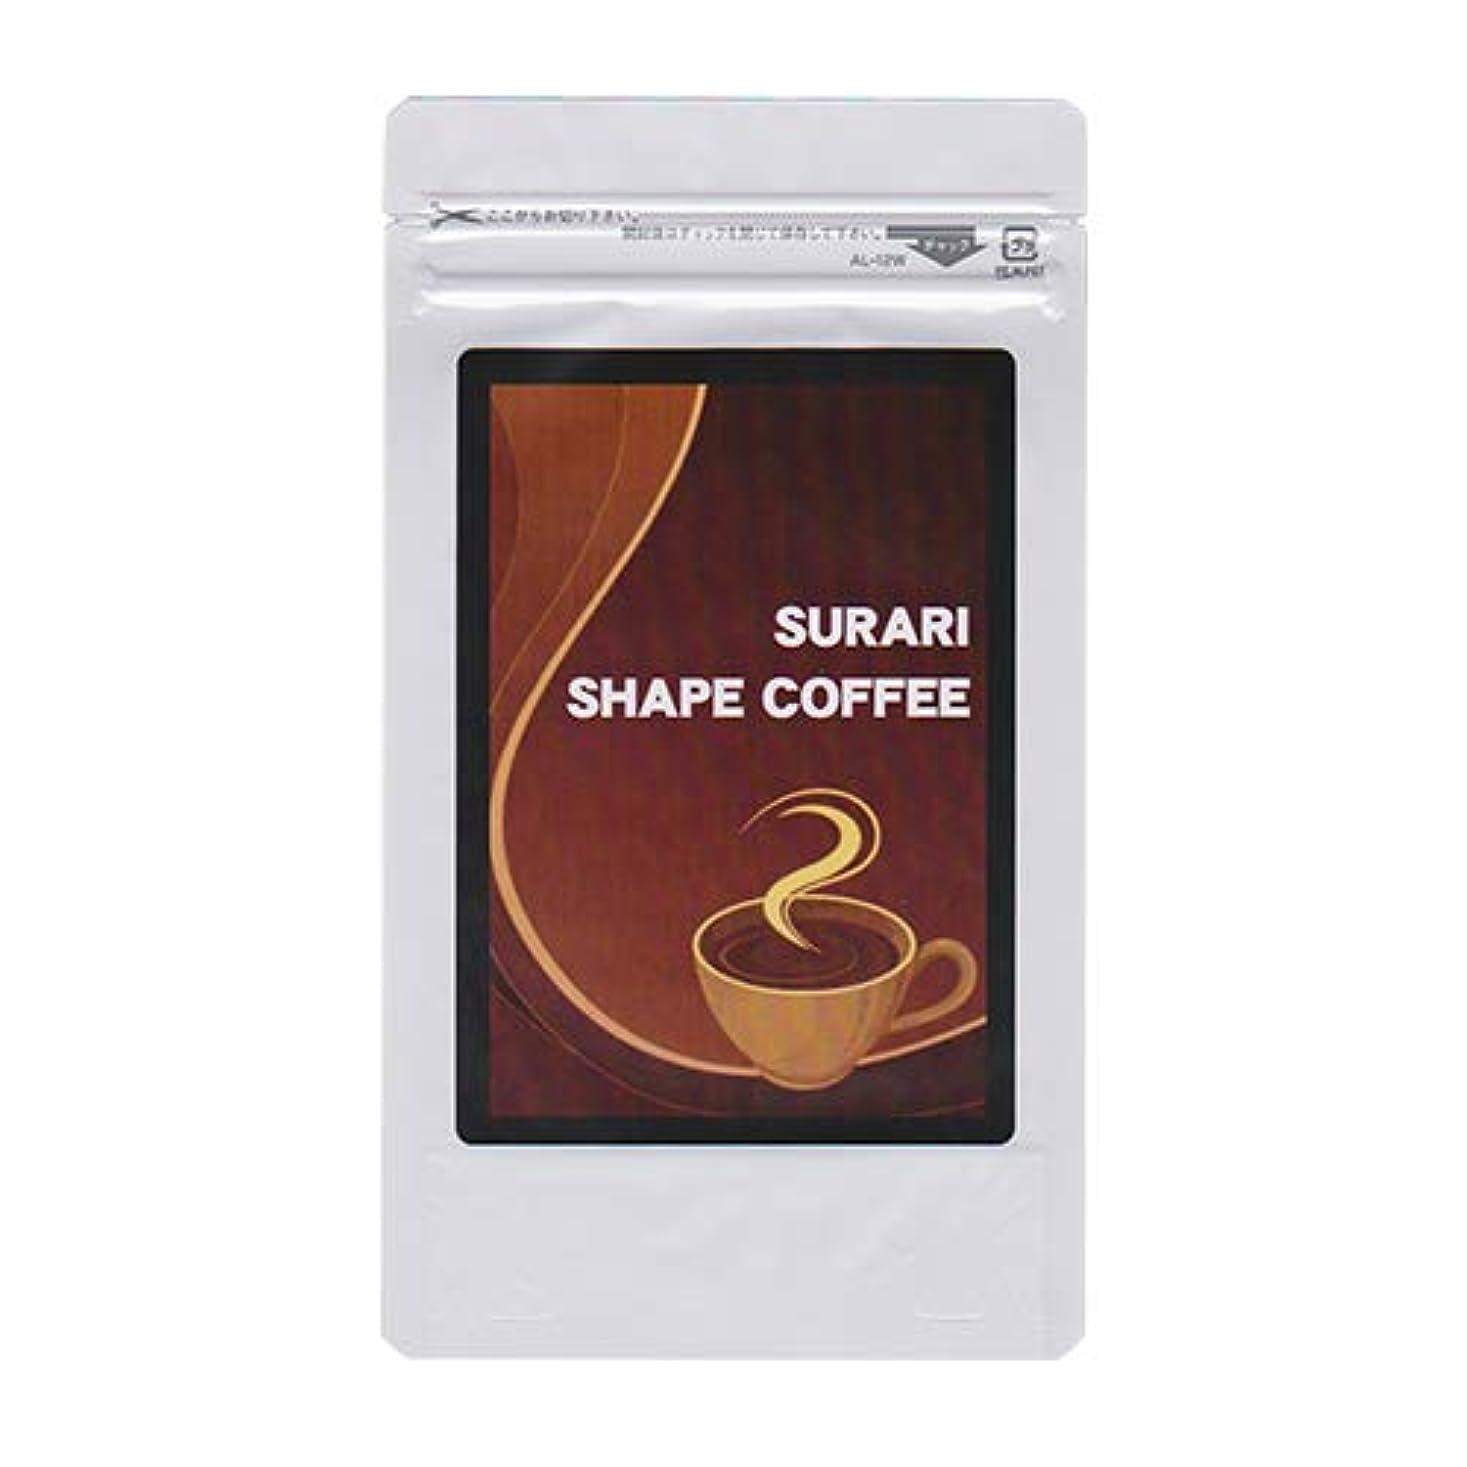 薬優先権安心SURARI SHAPE COFFEE スラリシェイプコーヒー ダイエットコーヒー